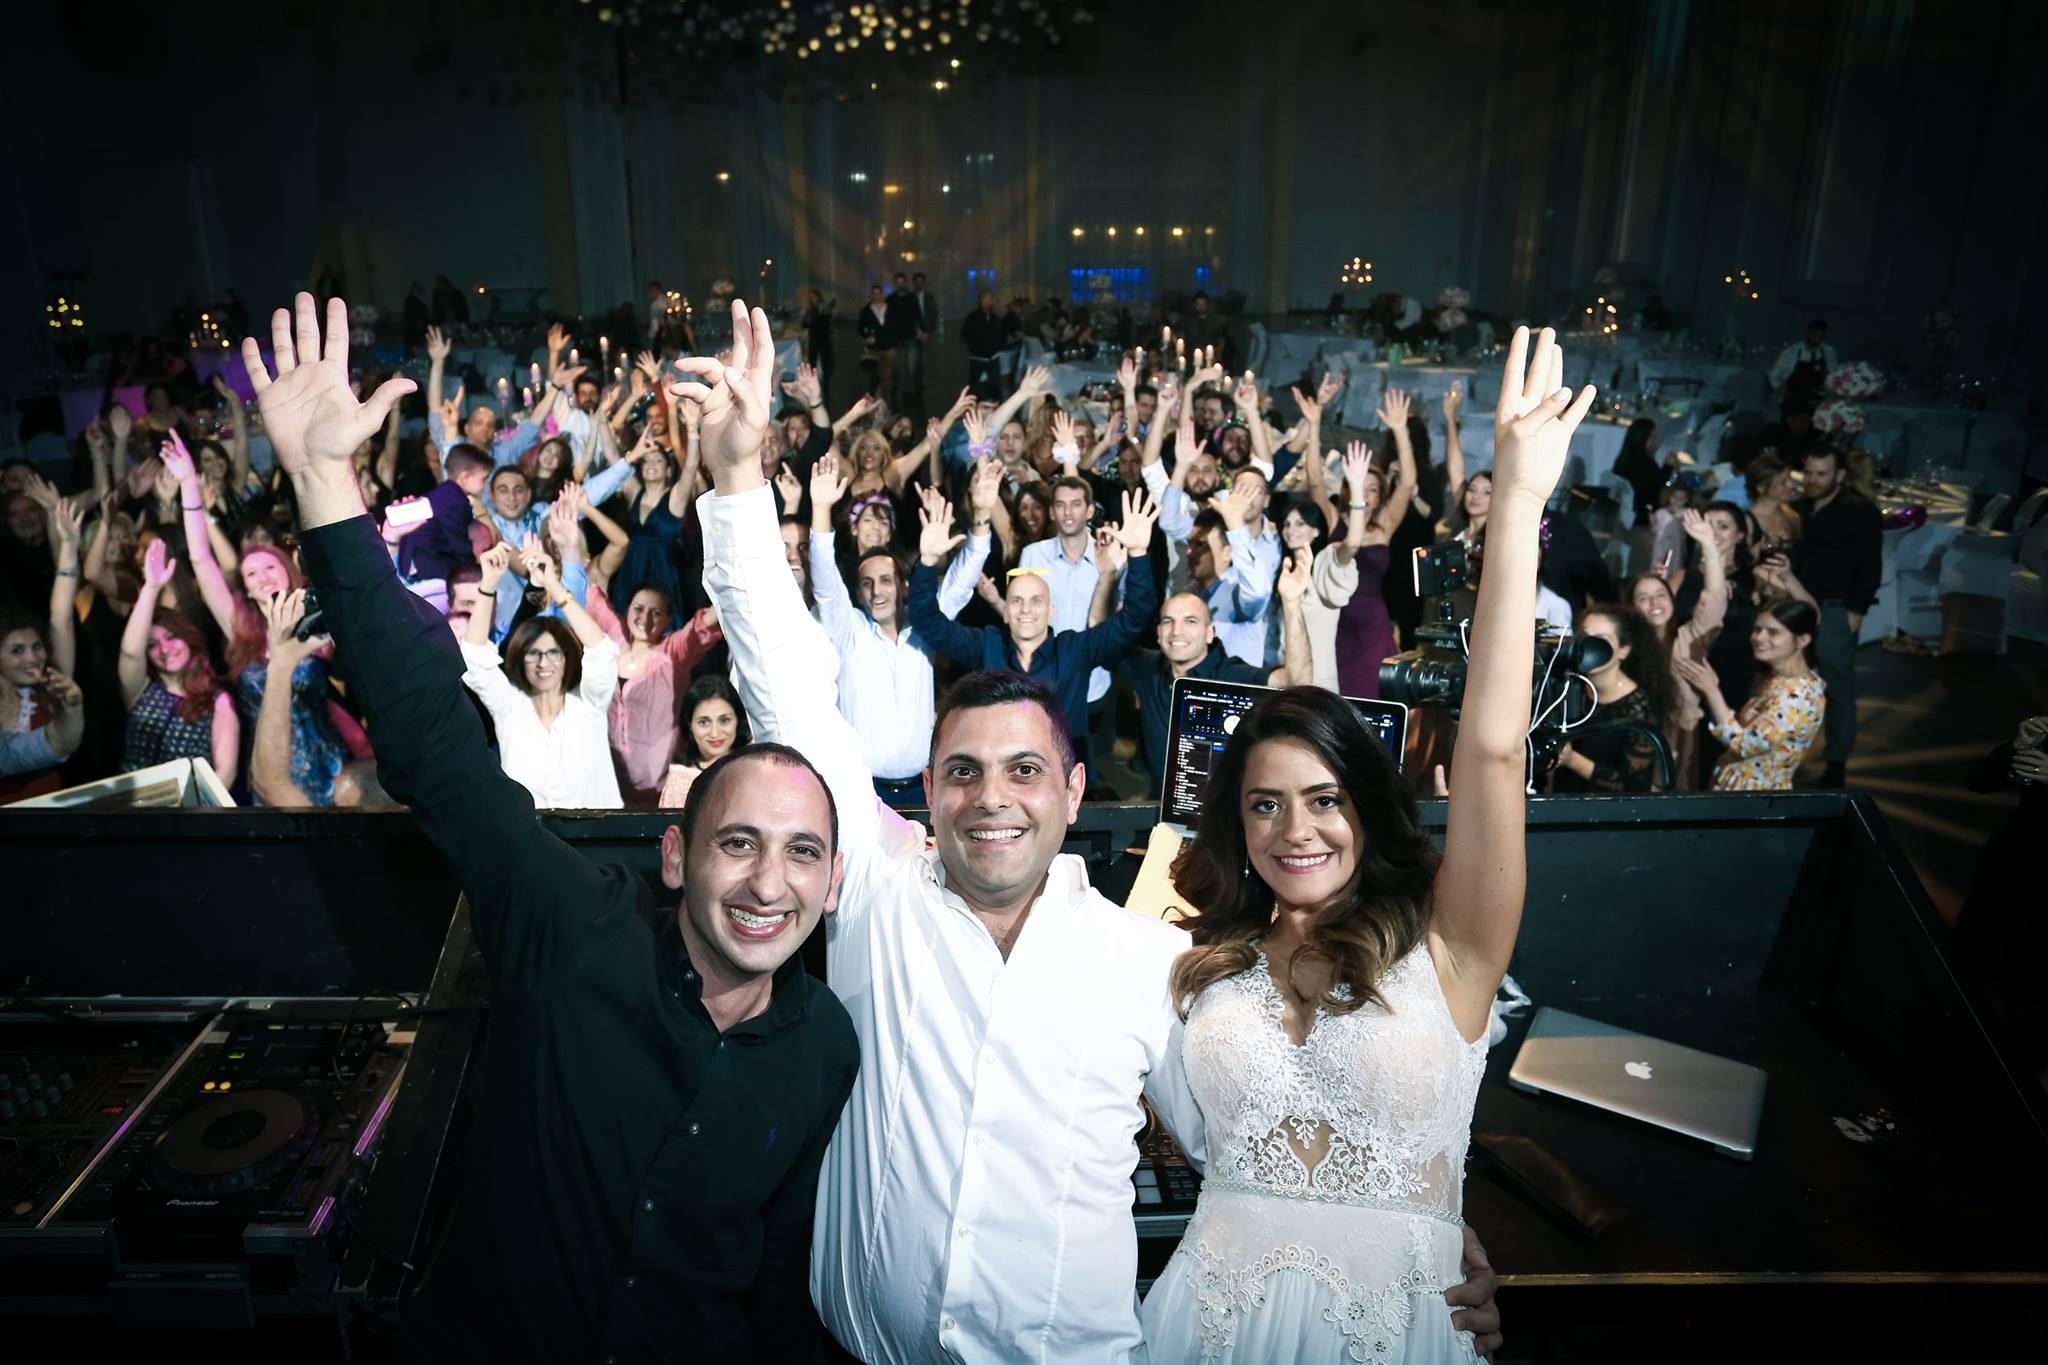 תקליטן לחתונה - נועם זלאיט - די גיי לחתונה